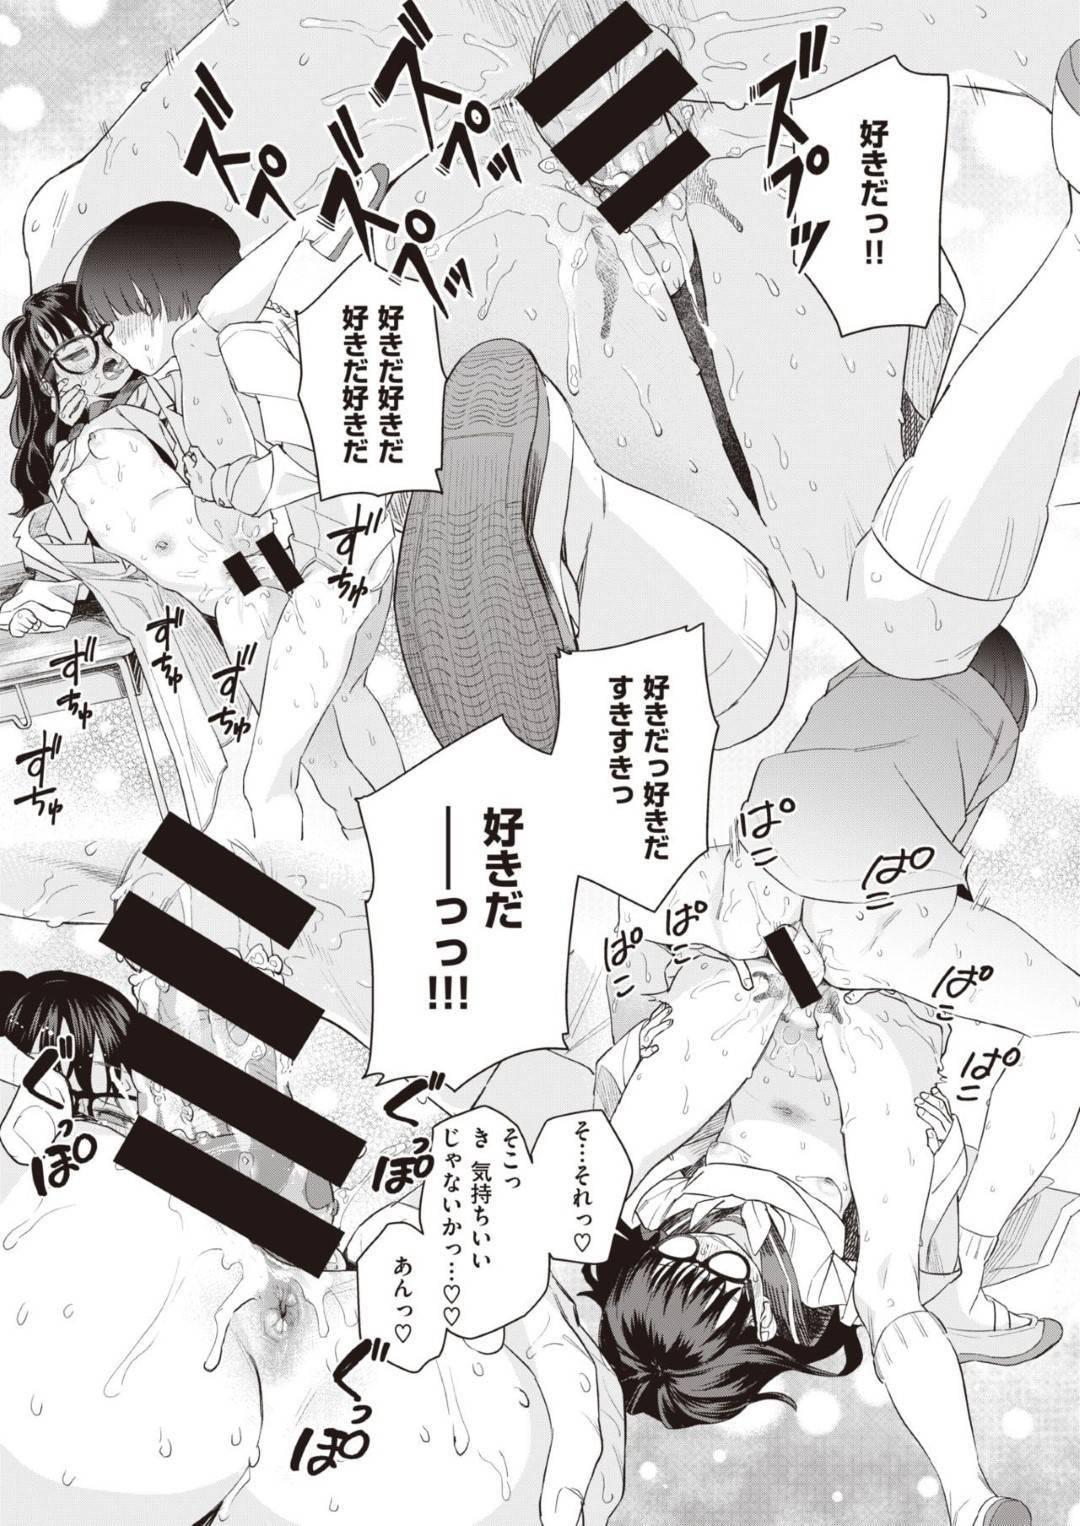 【エロ漫画】万年金欠の美術部で開催される処女膜オークションを進行する変人JK…まずは自分の身体などプレゼンしておっぱい権や手コキ権に分けてオークションを始める!【ろんな】